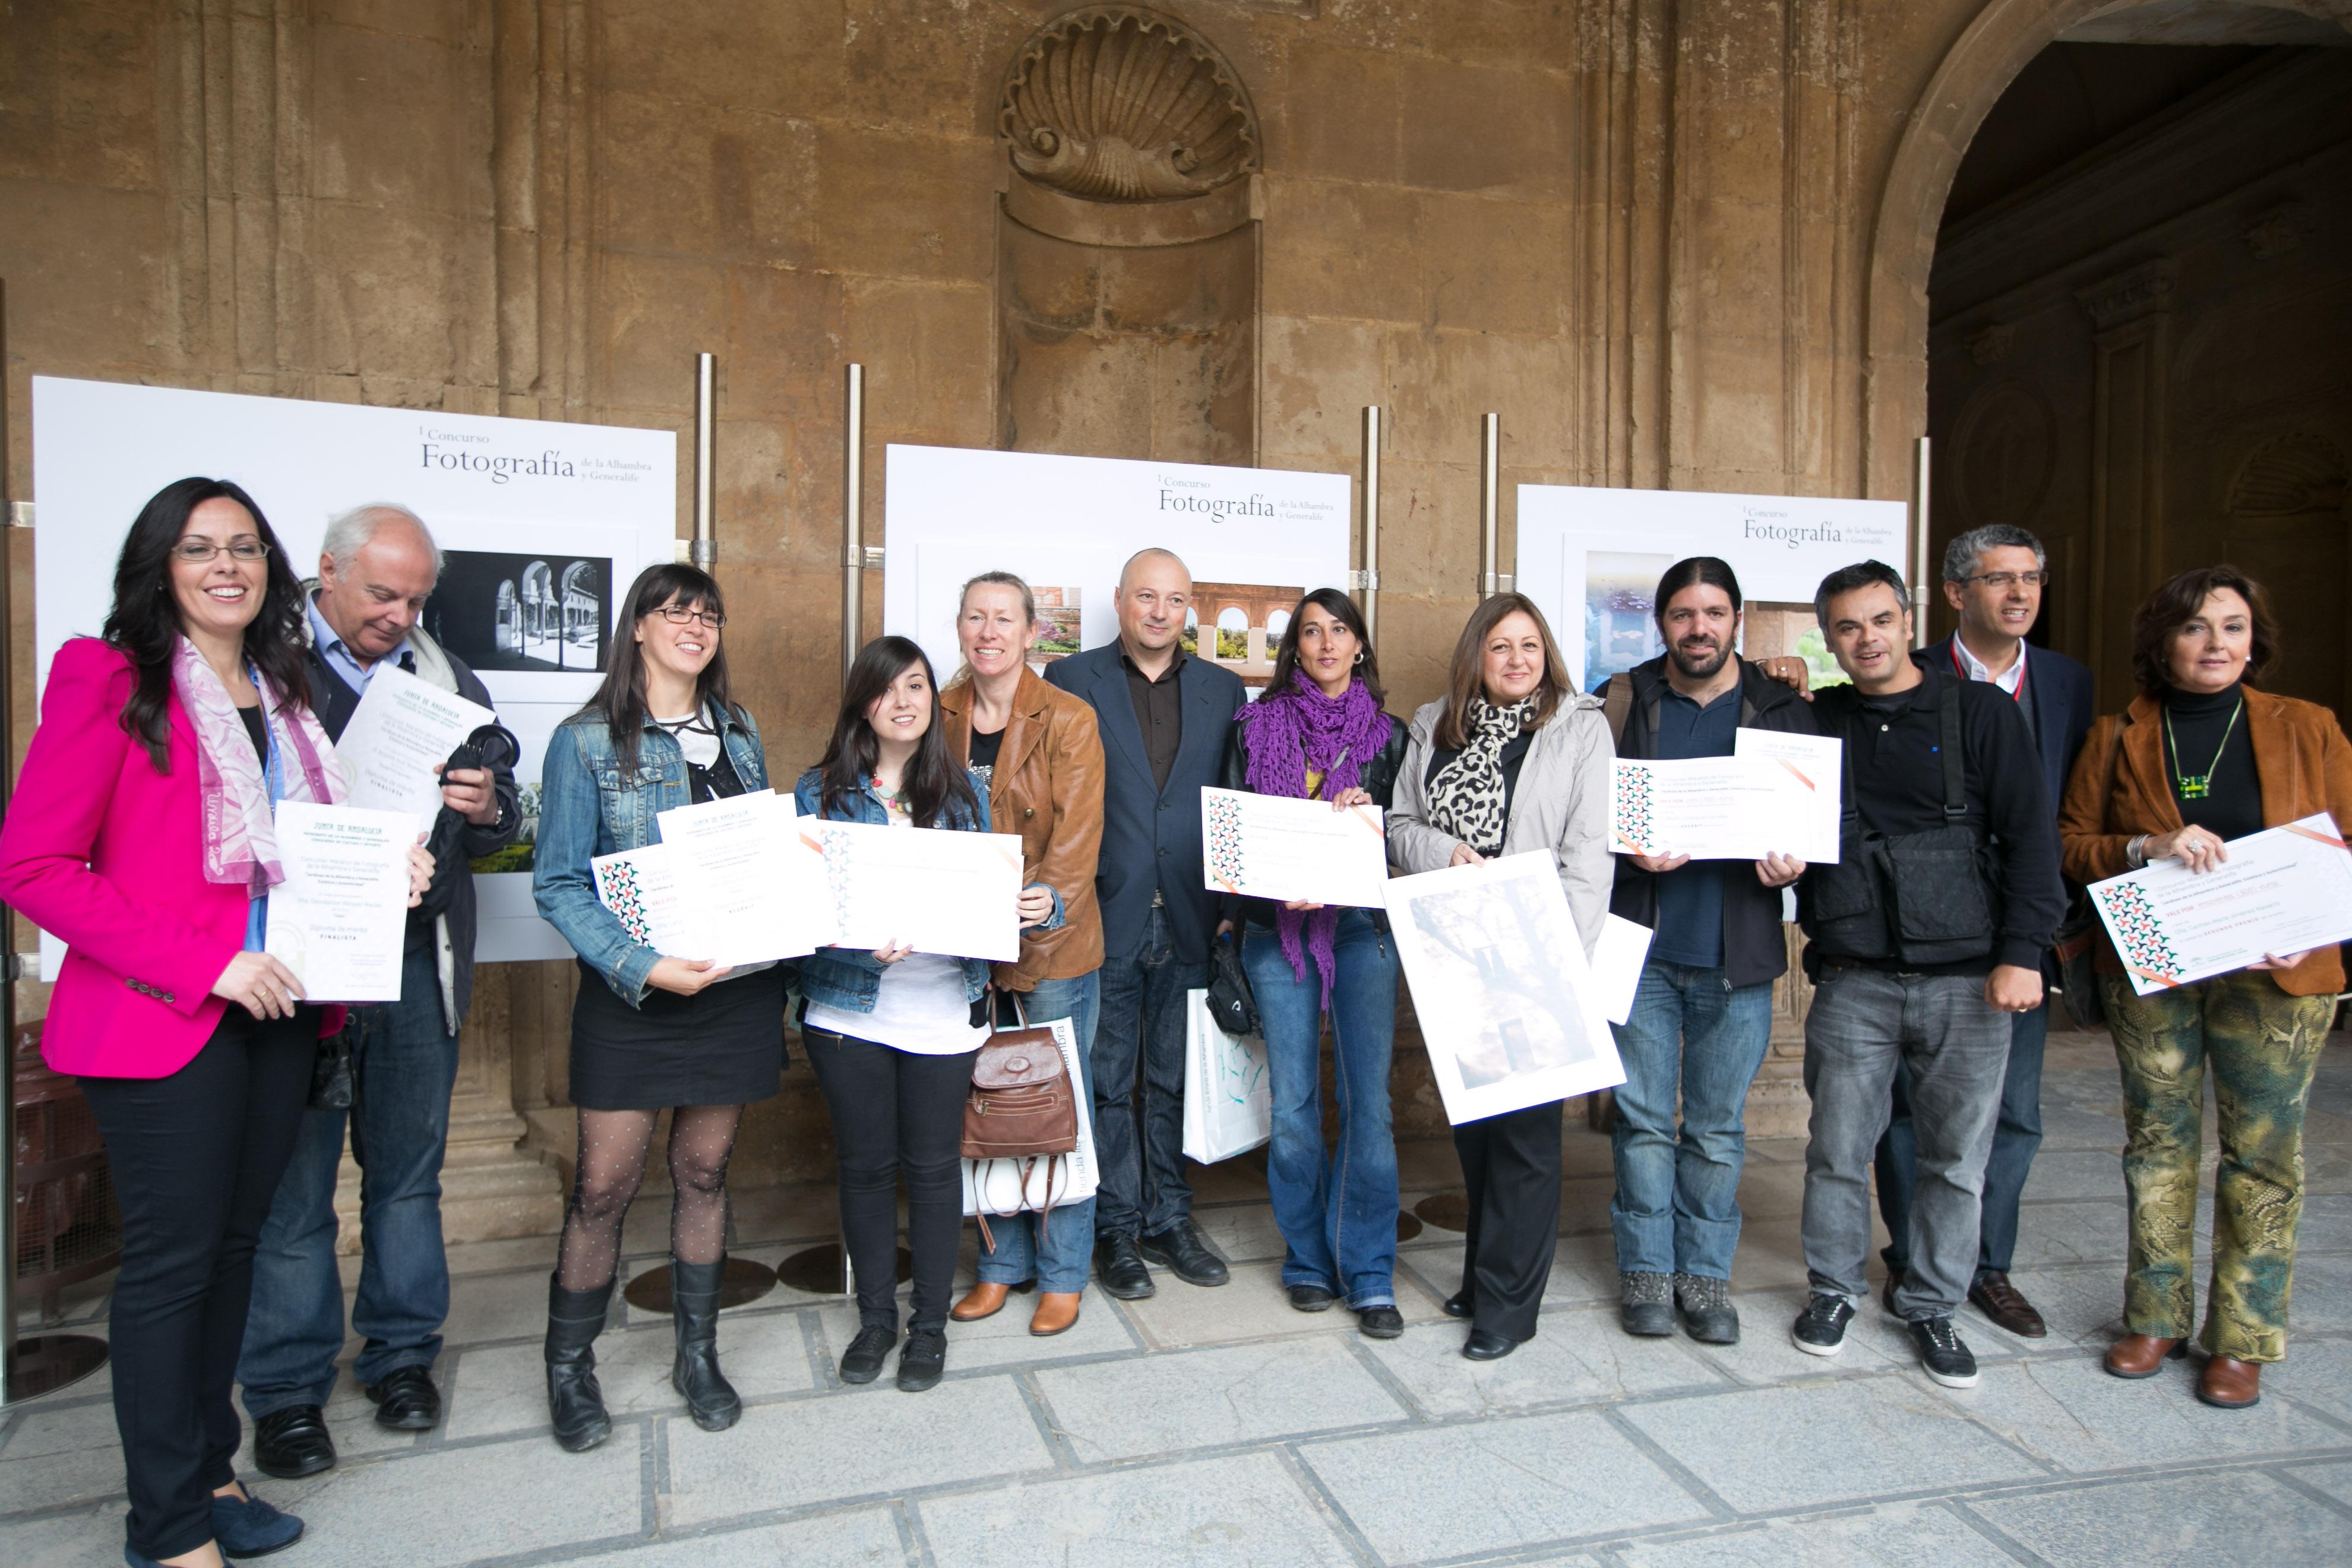 'Simbiosis' obtiene el I Premio del Concurso de Fotografía sobre los Jardines de la Alhambra y el Generalife